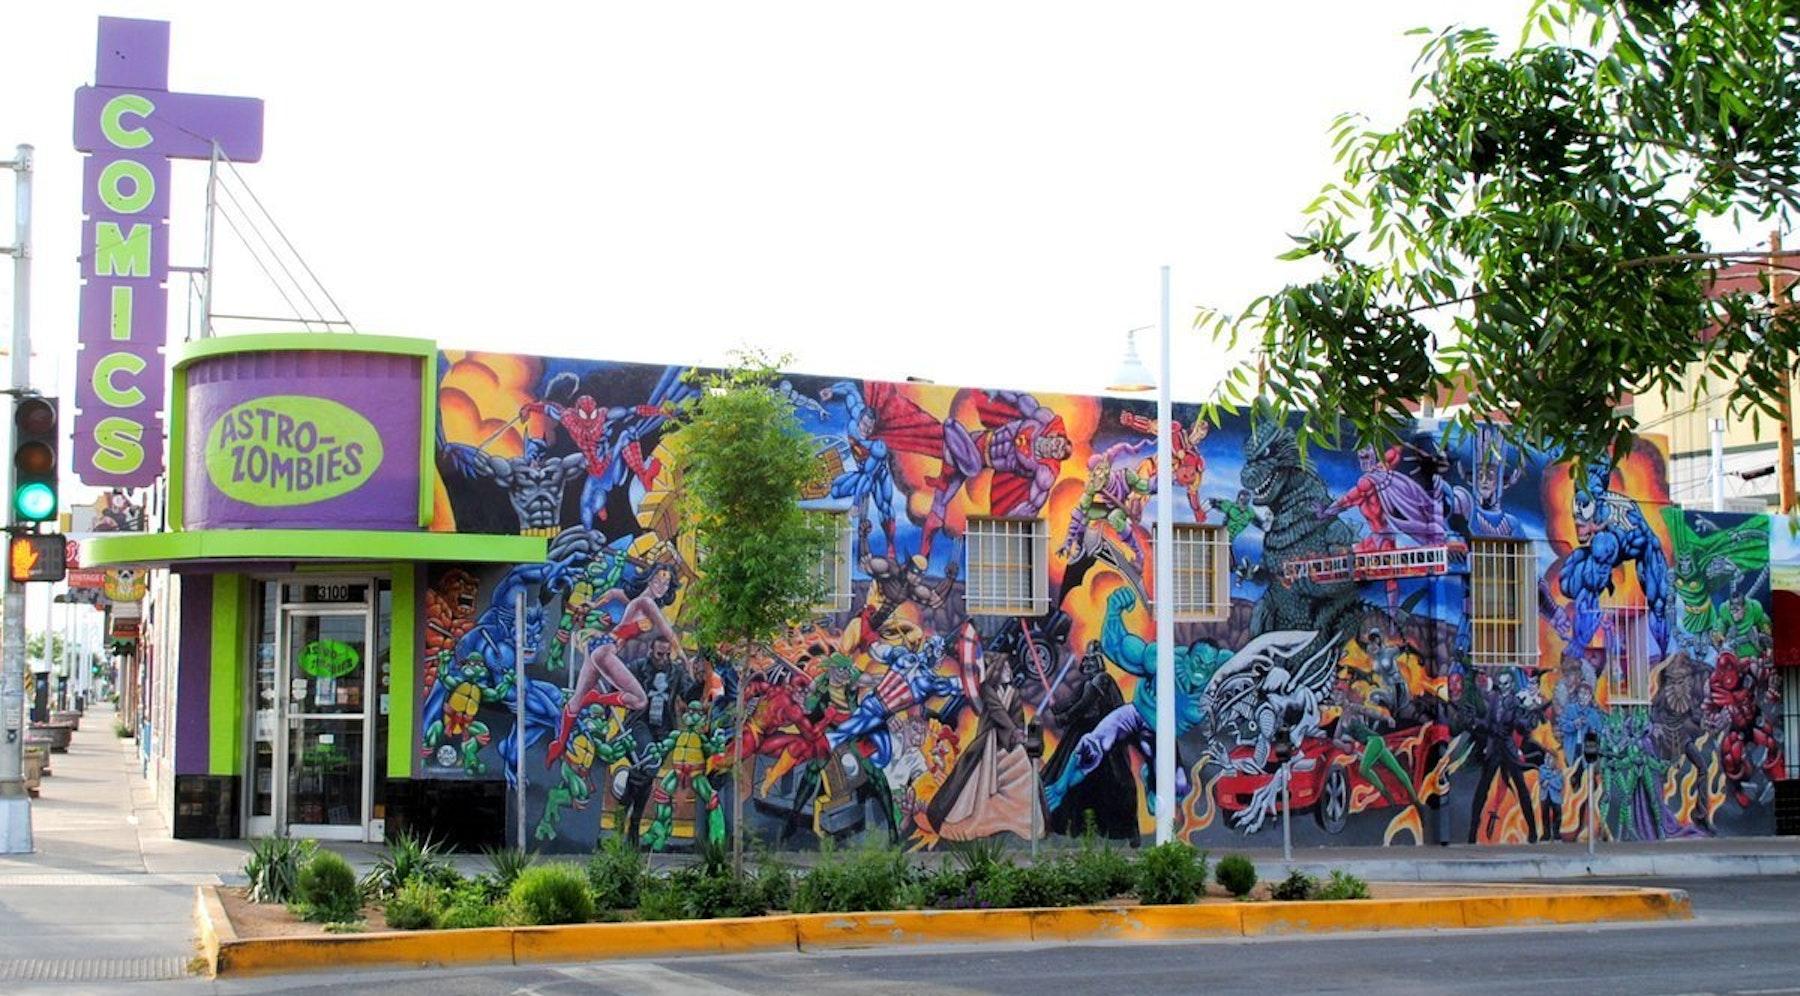 AstroZombies in Albuquerque, NM